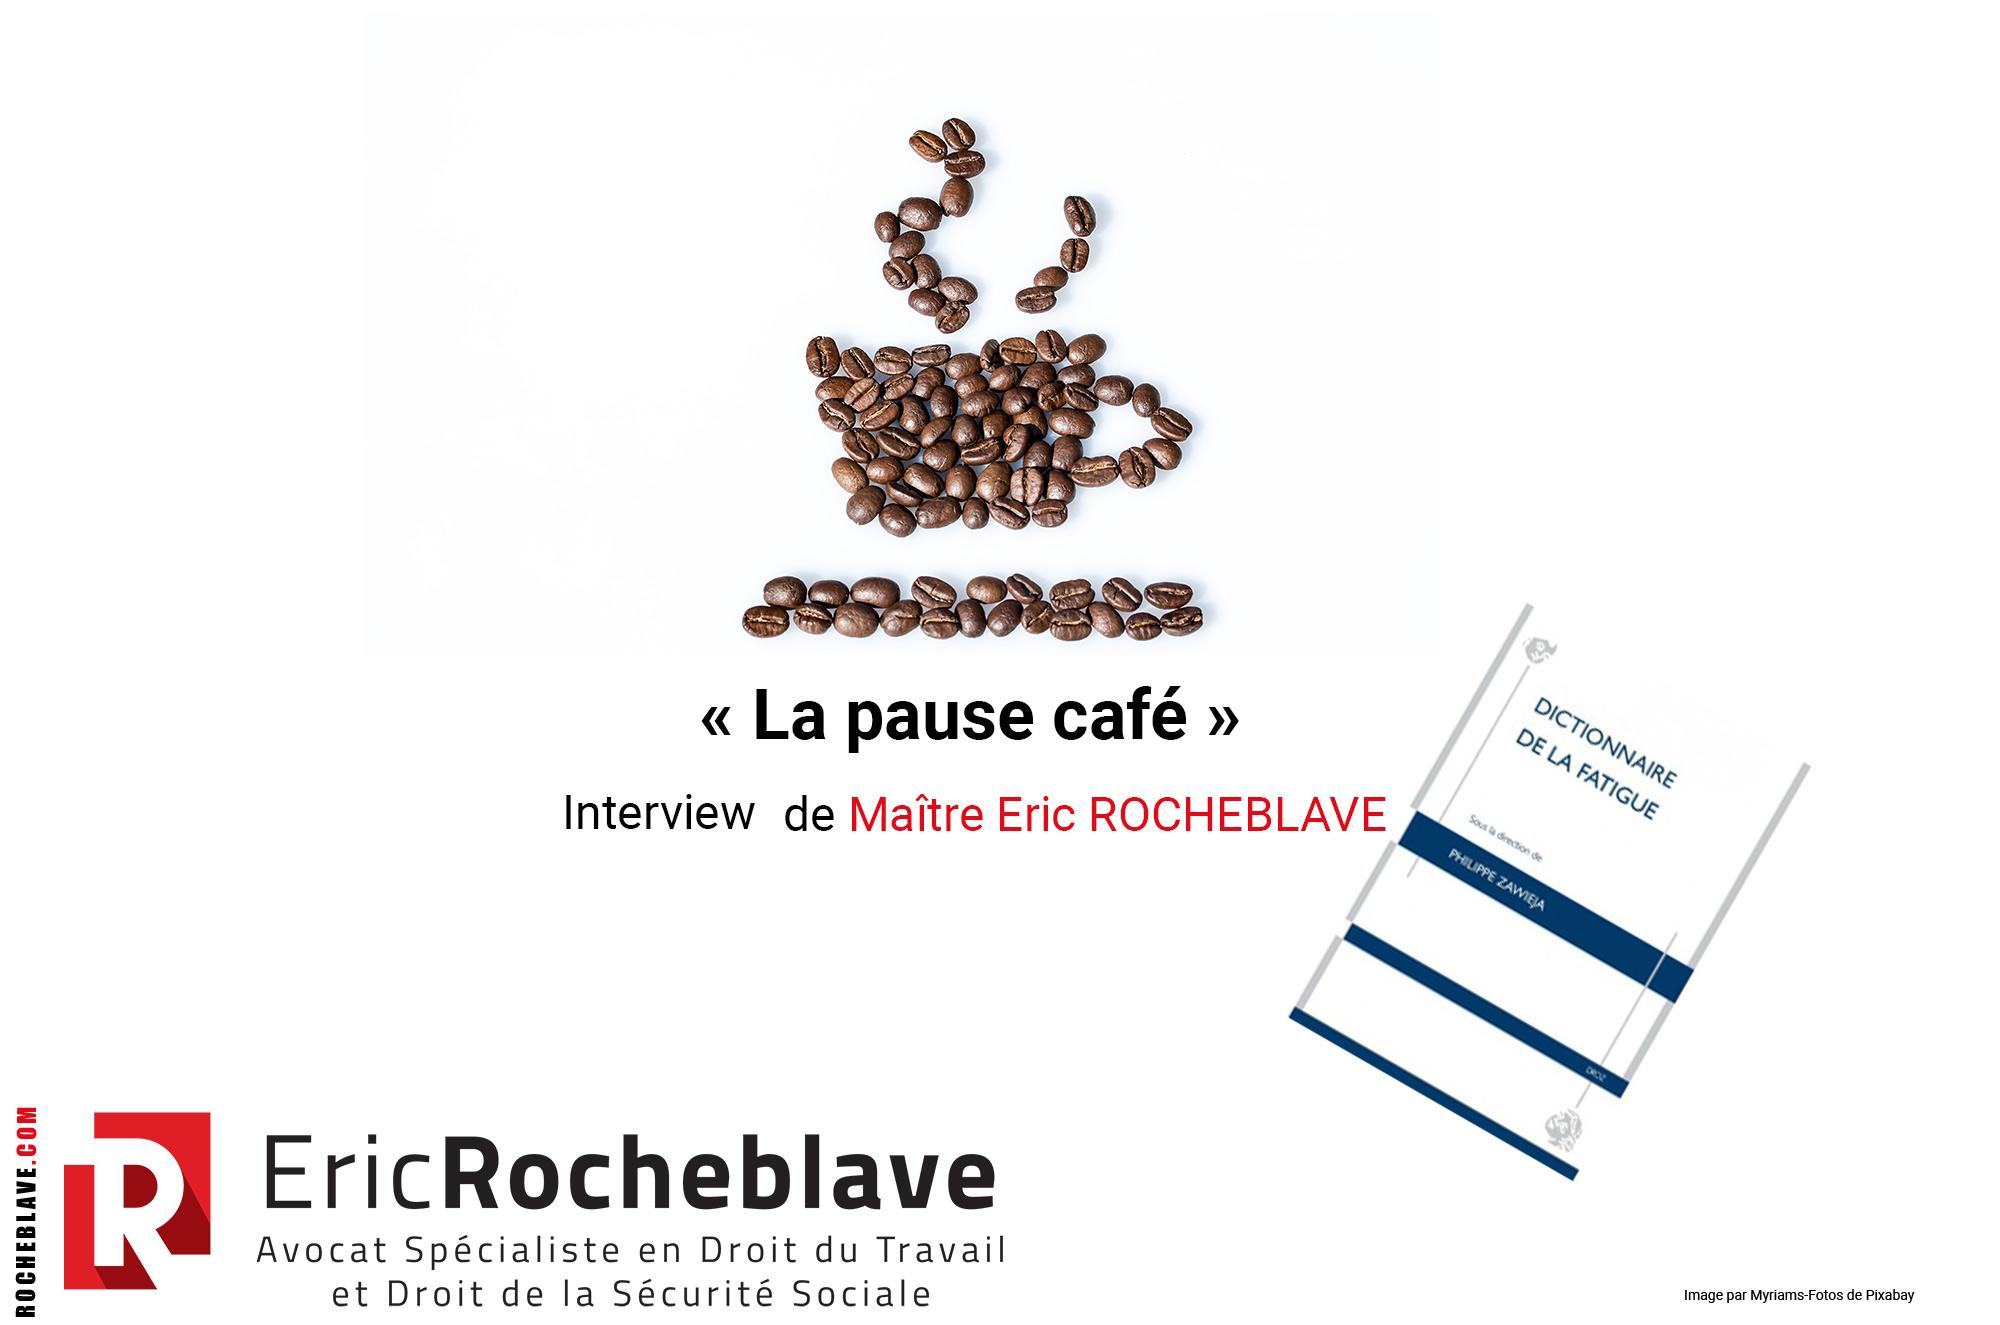 « La pause café » Interview de Maître Eric ROCHEBLAVE dans le DICTIONNAIRE DE LA FATIGUE